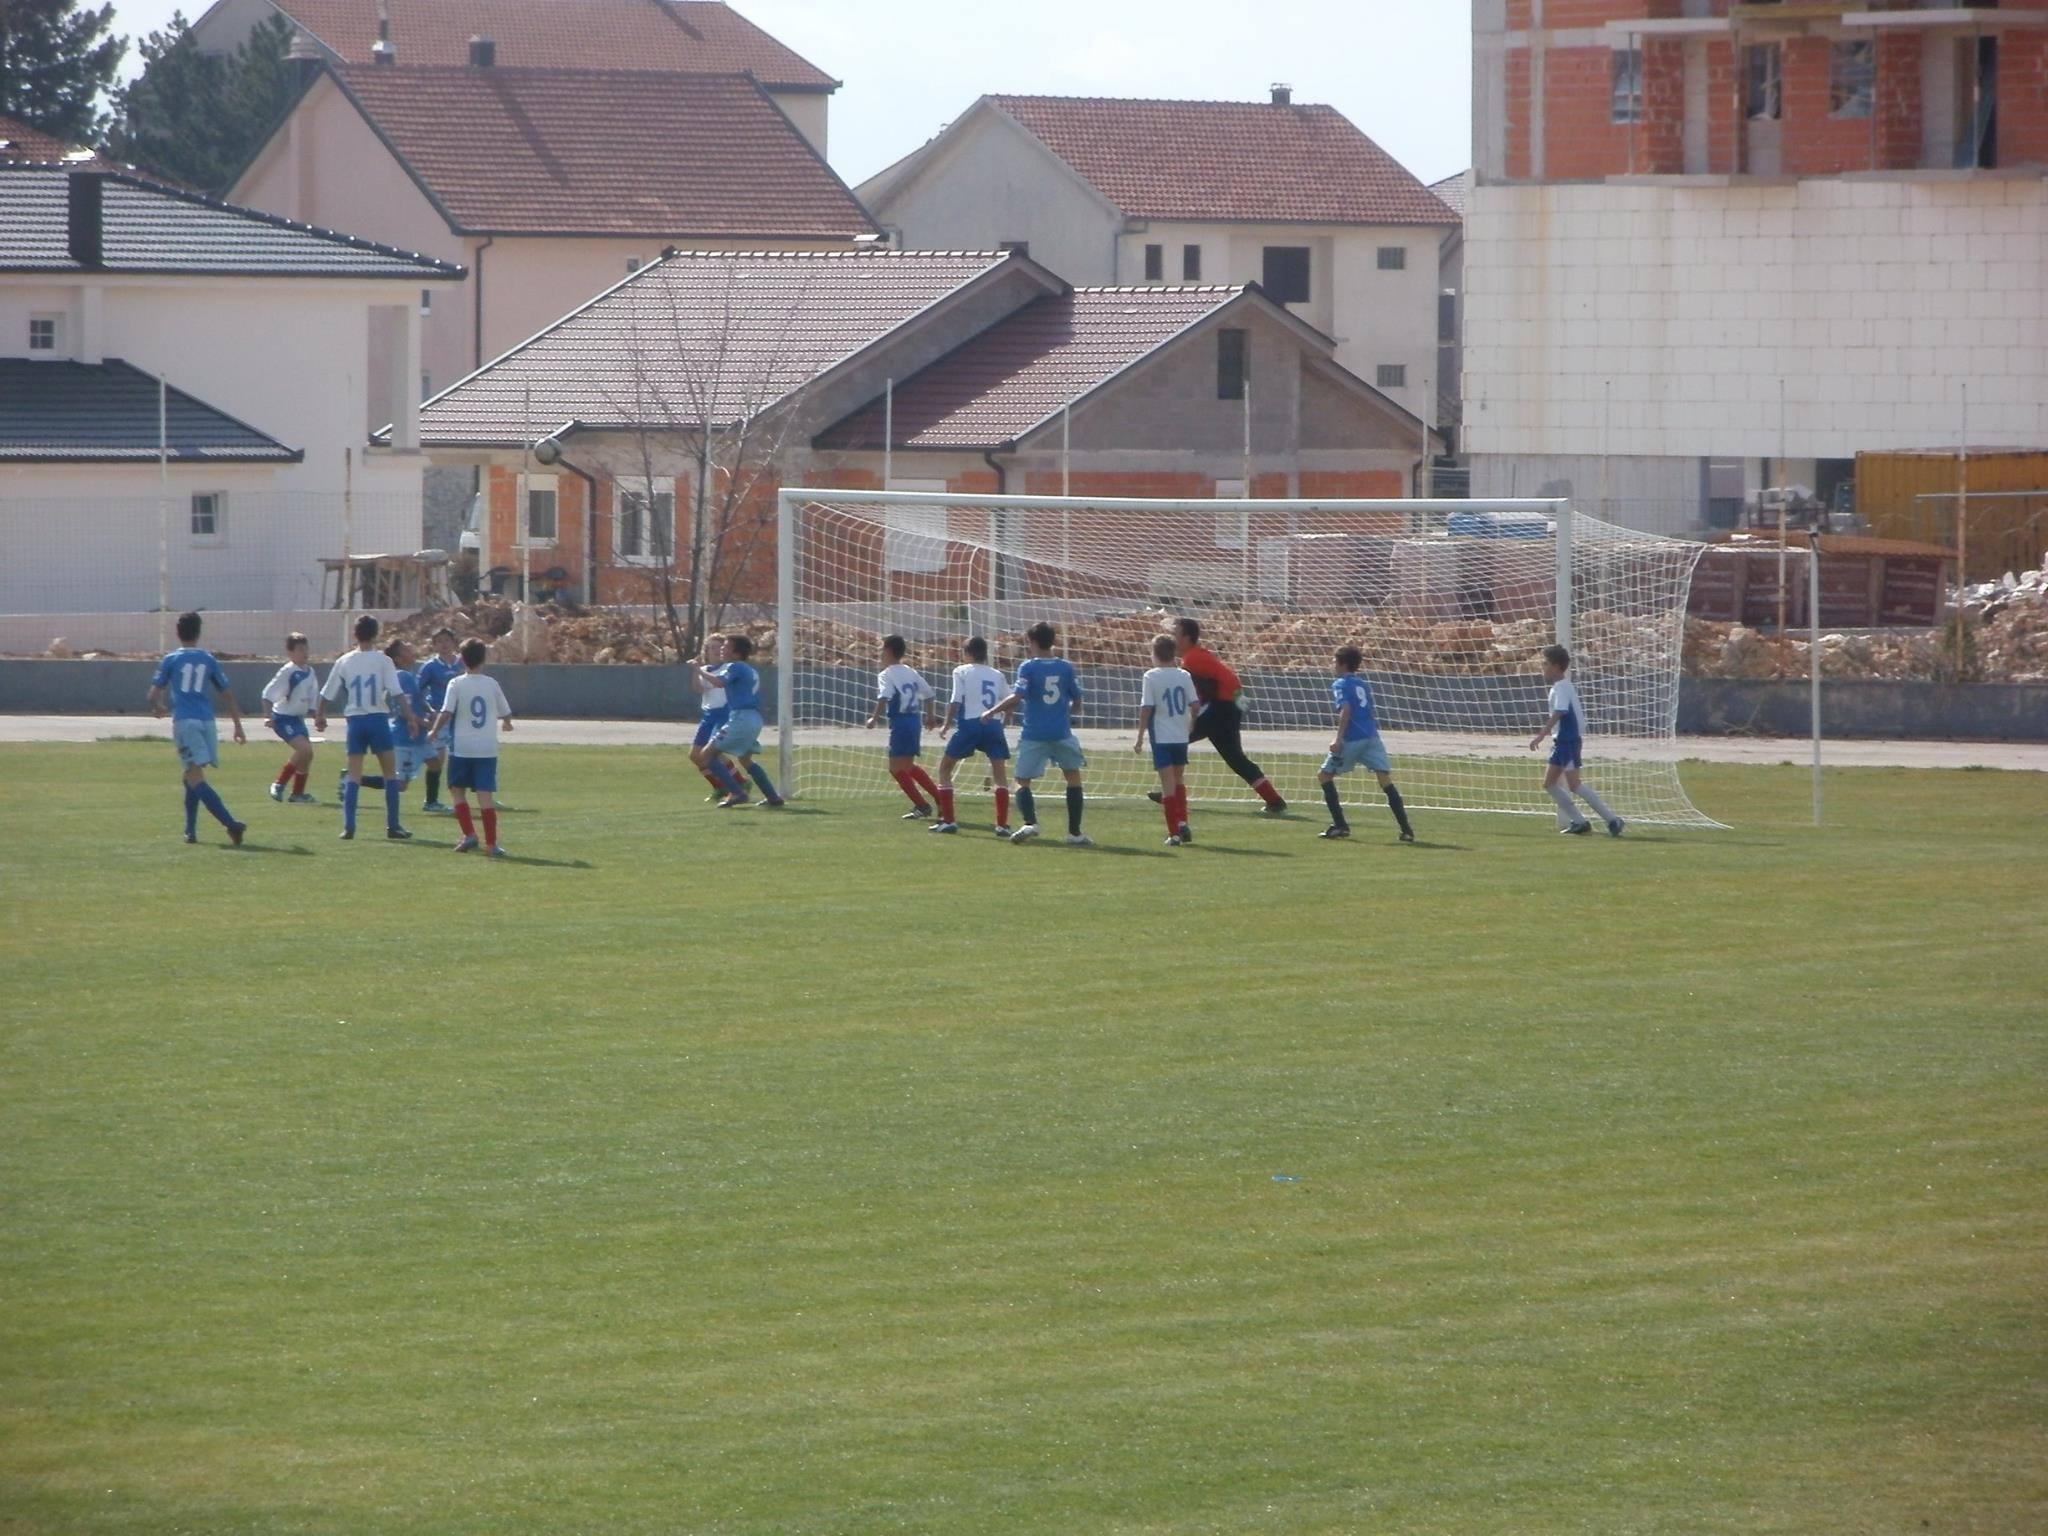 HŠK Posušje: Početnici i pioniri postigli 15 golova protiv Kamešnice, Juniori i kadeti primili sedam od Sloge